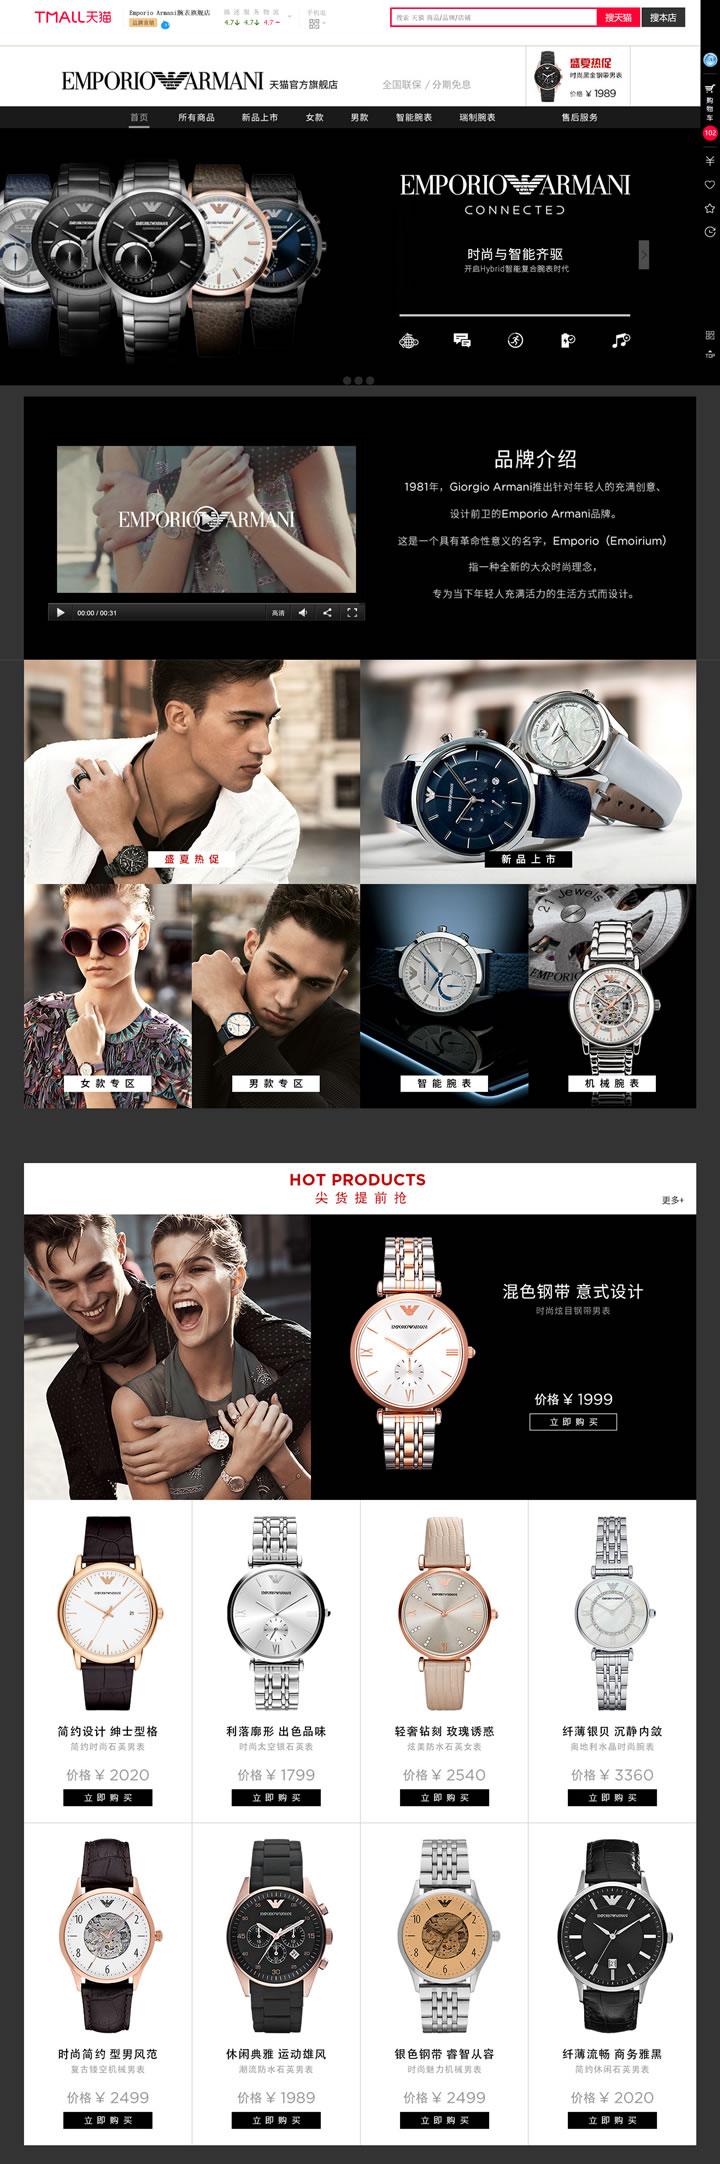 Emporio Armani腕表天猫官方旗舰店:乔治·阿玛尼为年轻人设计的副线品牌